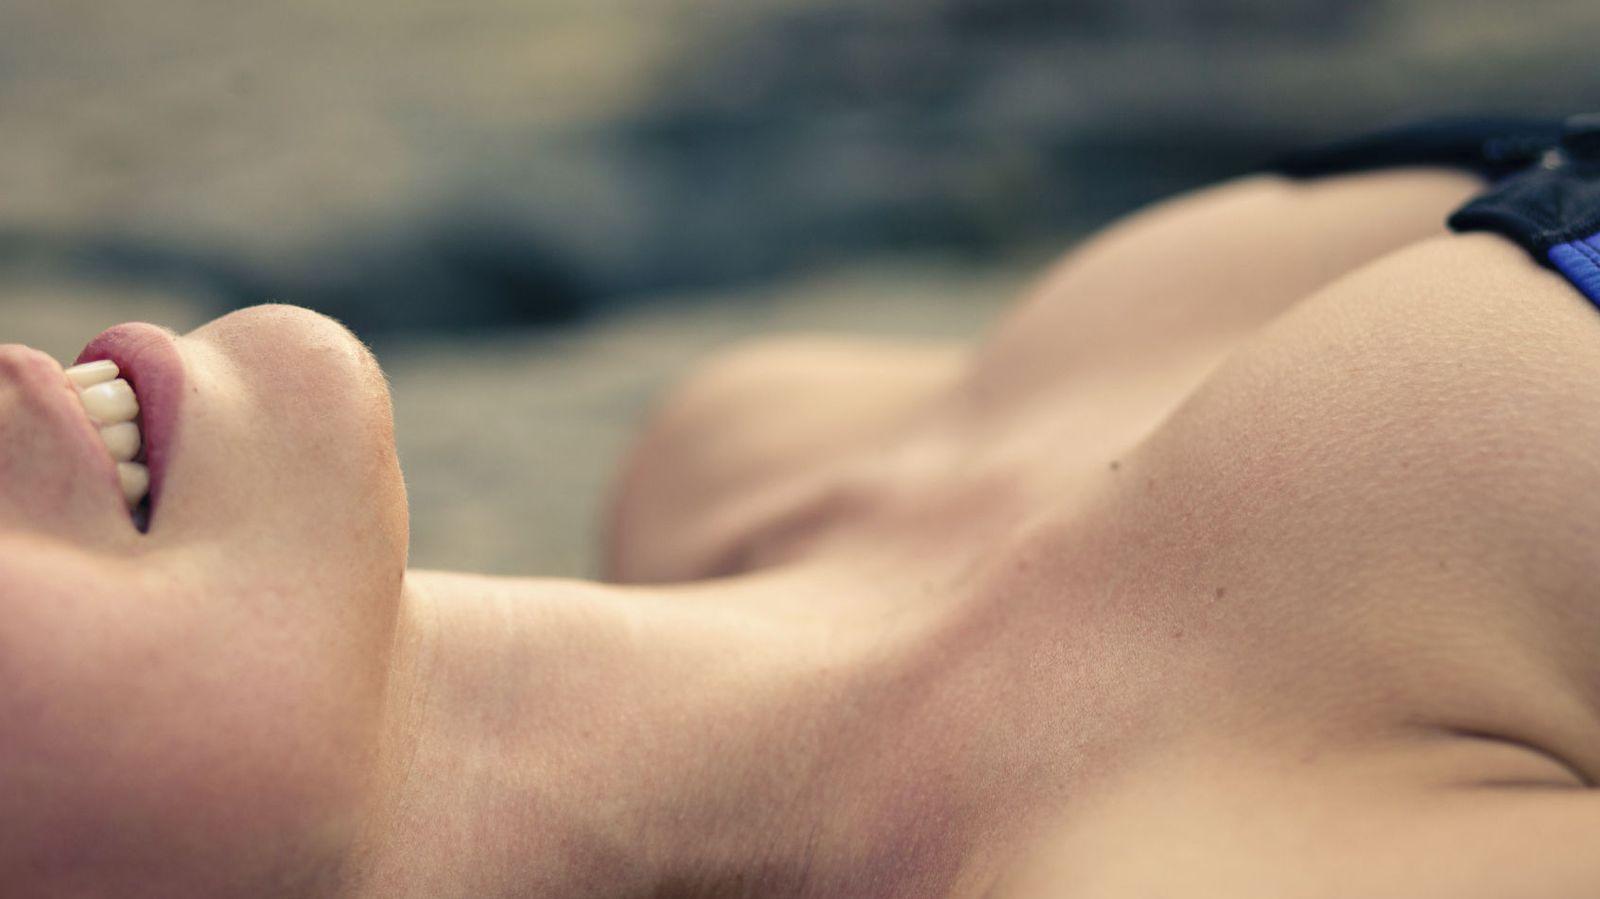 Foto: Tendrán menos que ellos, pero no hay duda de que sus orgasmos son mucho más intensos. ¿Y si los mejoramos todavía más? (iStock)